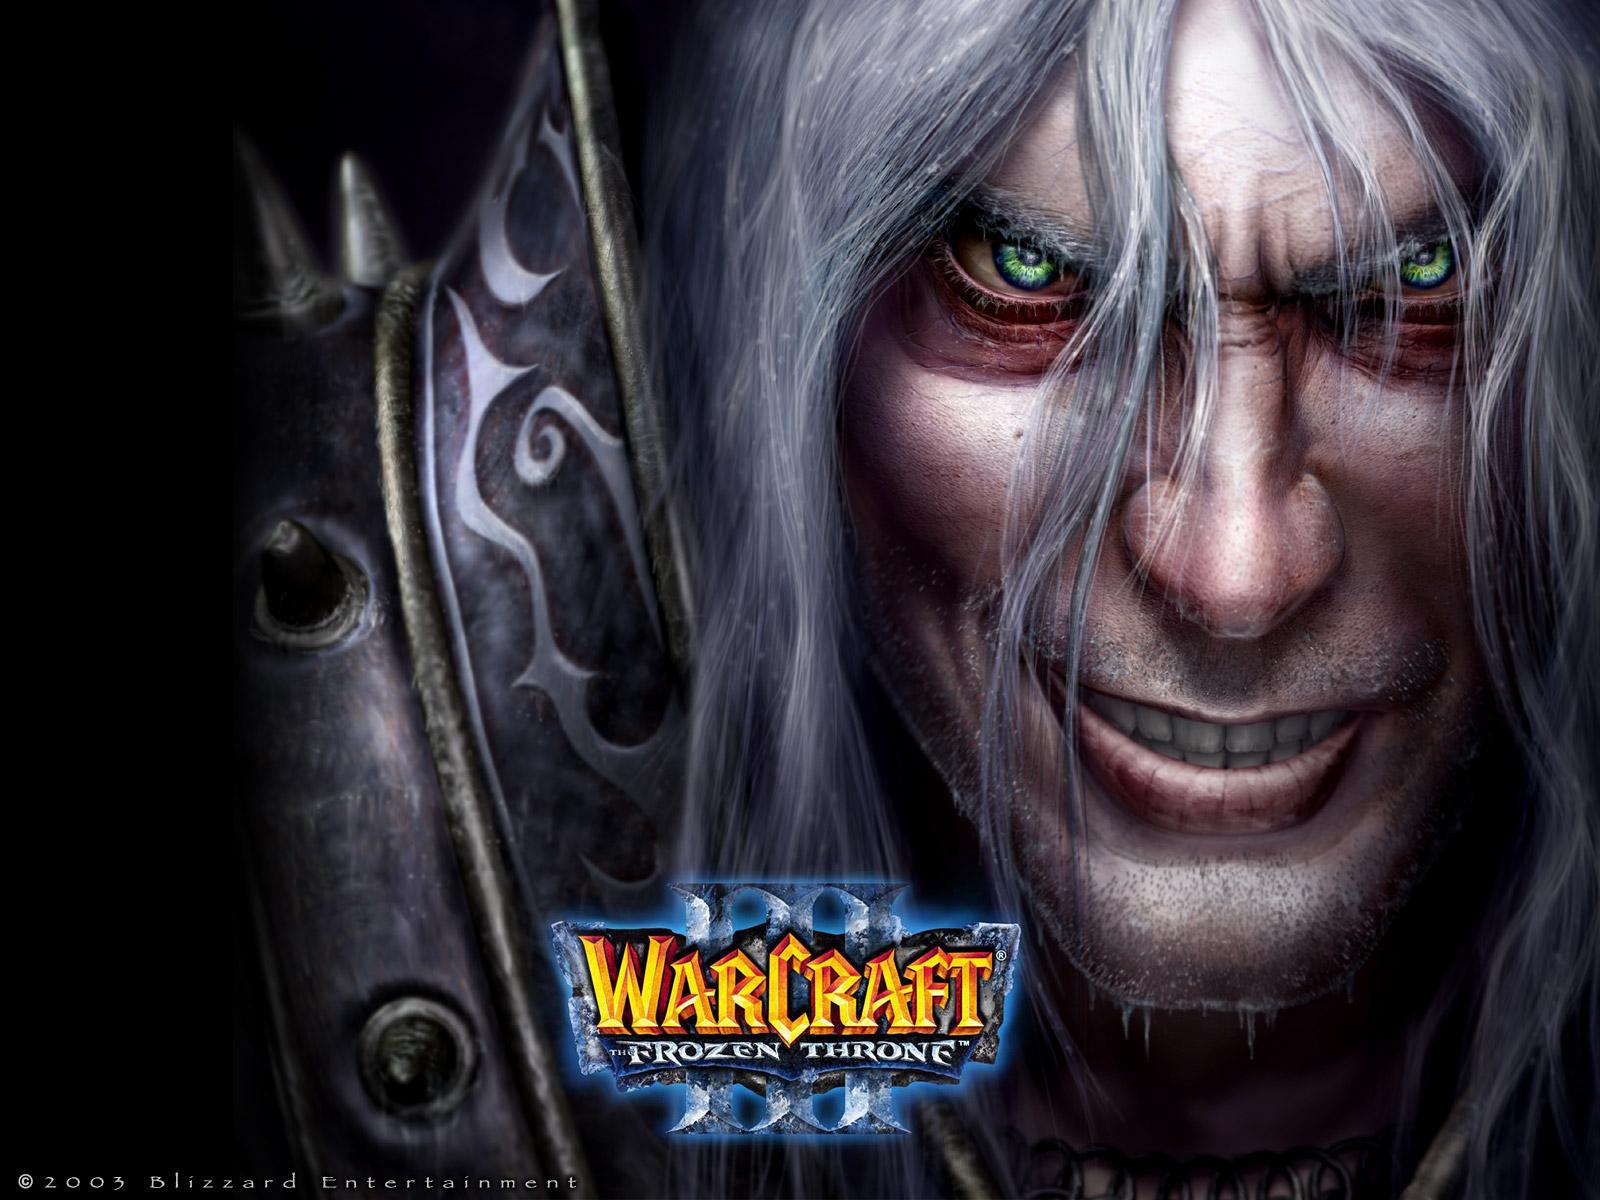 Warcraft 3 und Diablo 2 als Remake? Schlechte Neuigkeiten …